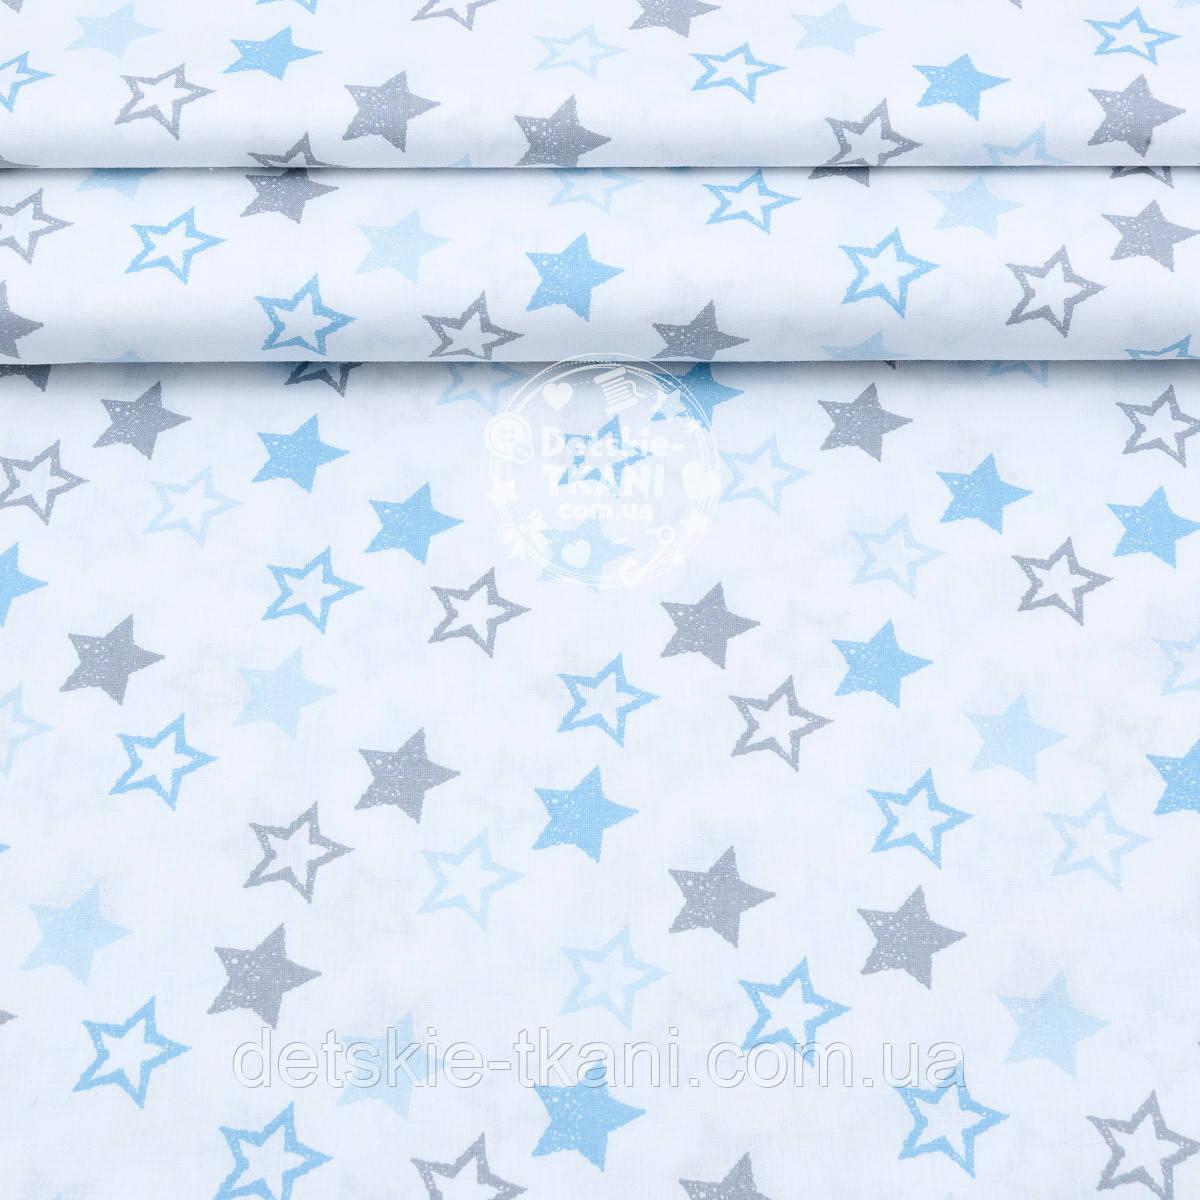 """Поплин шириной 240 см """"Одинаковые звёзды 25 мм"""" серо-голубые на белом (№1679)"""